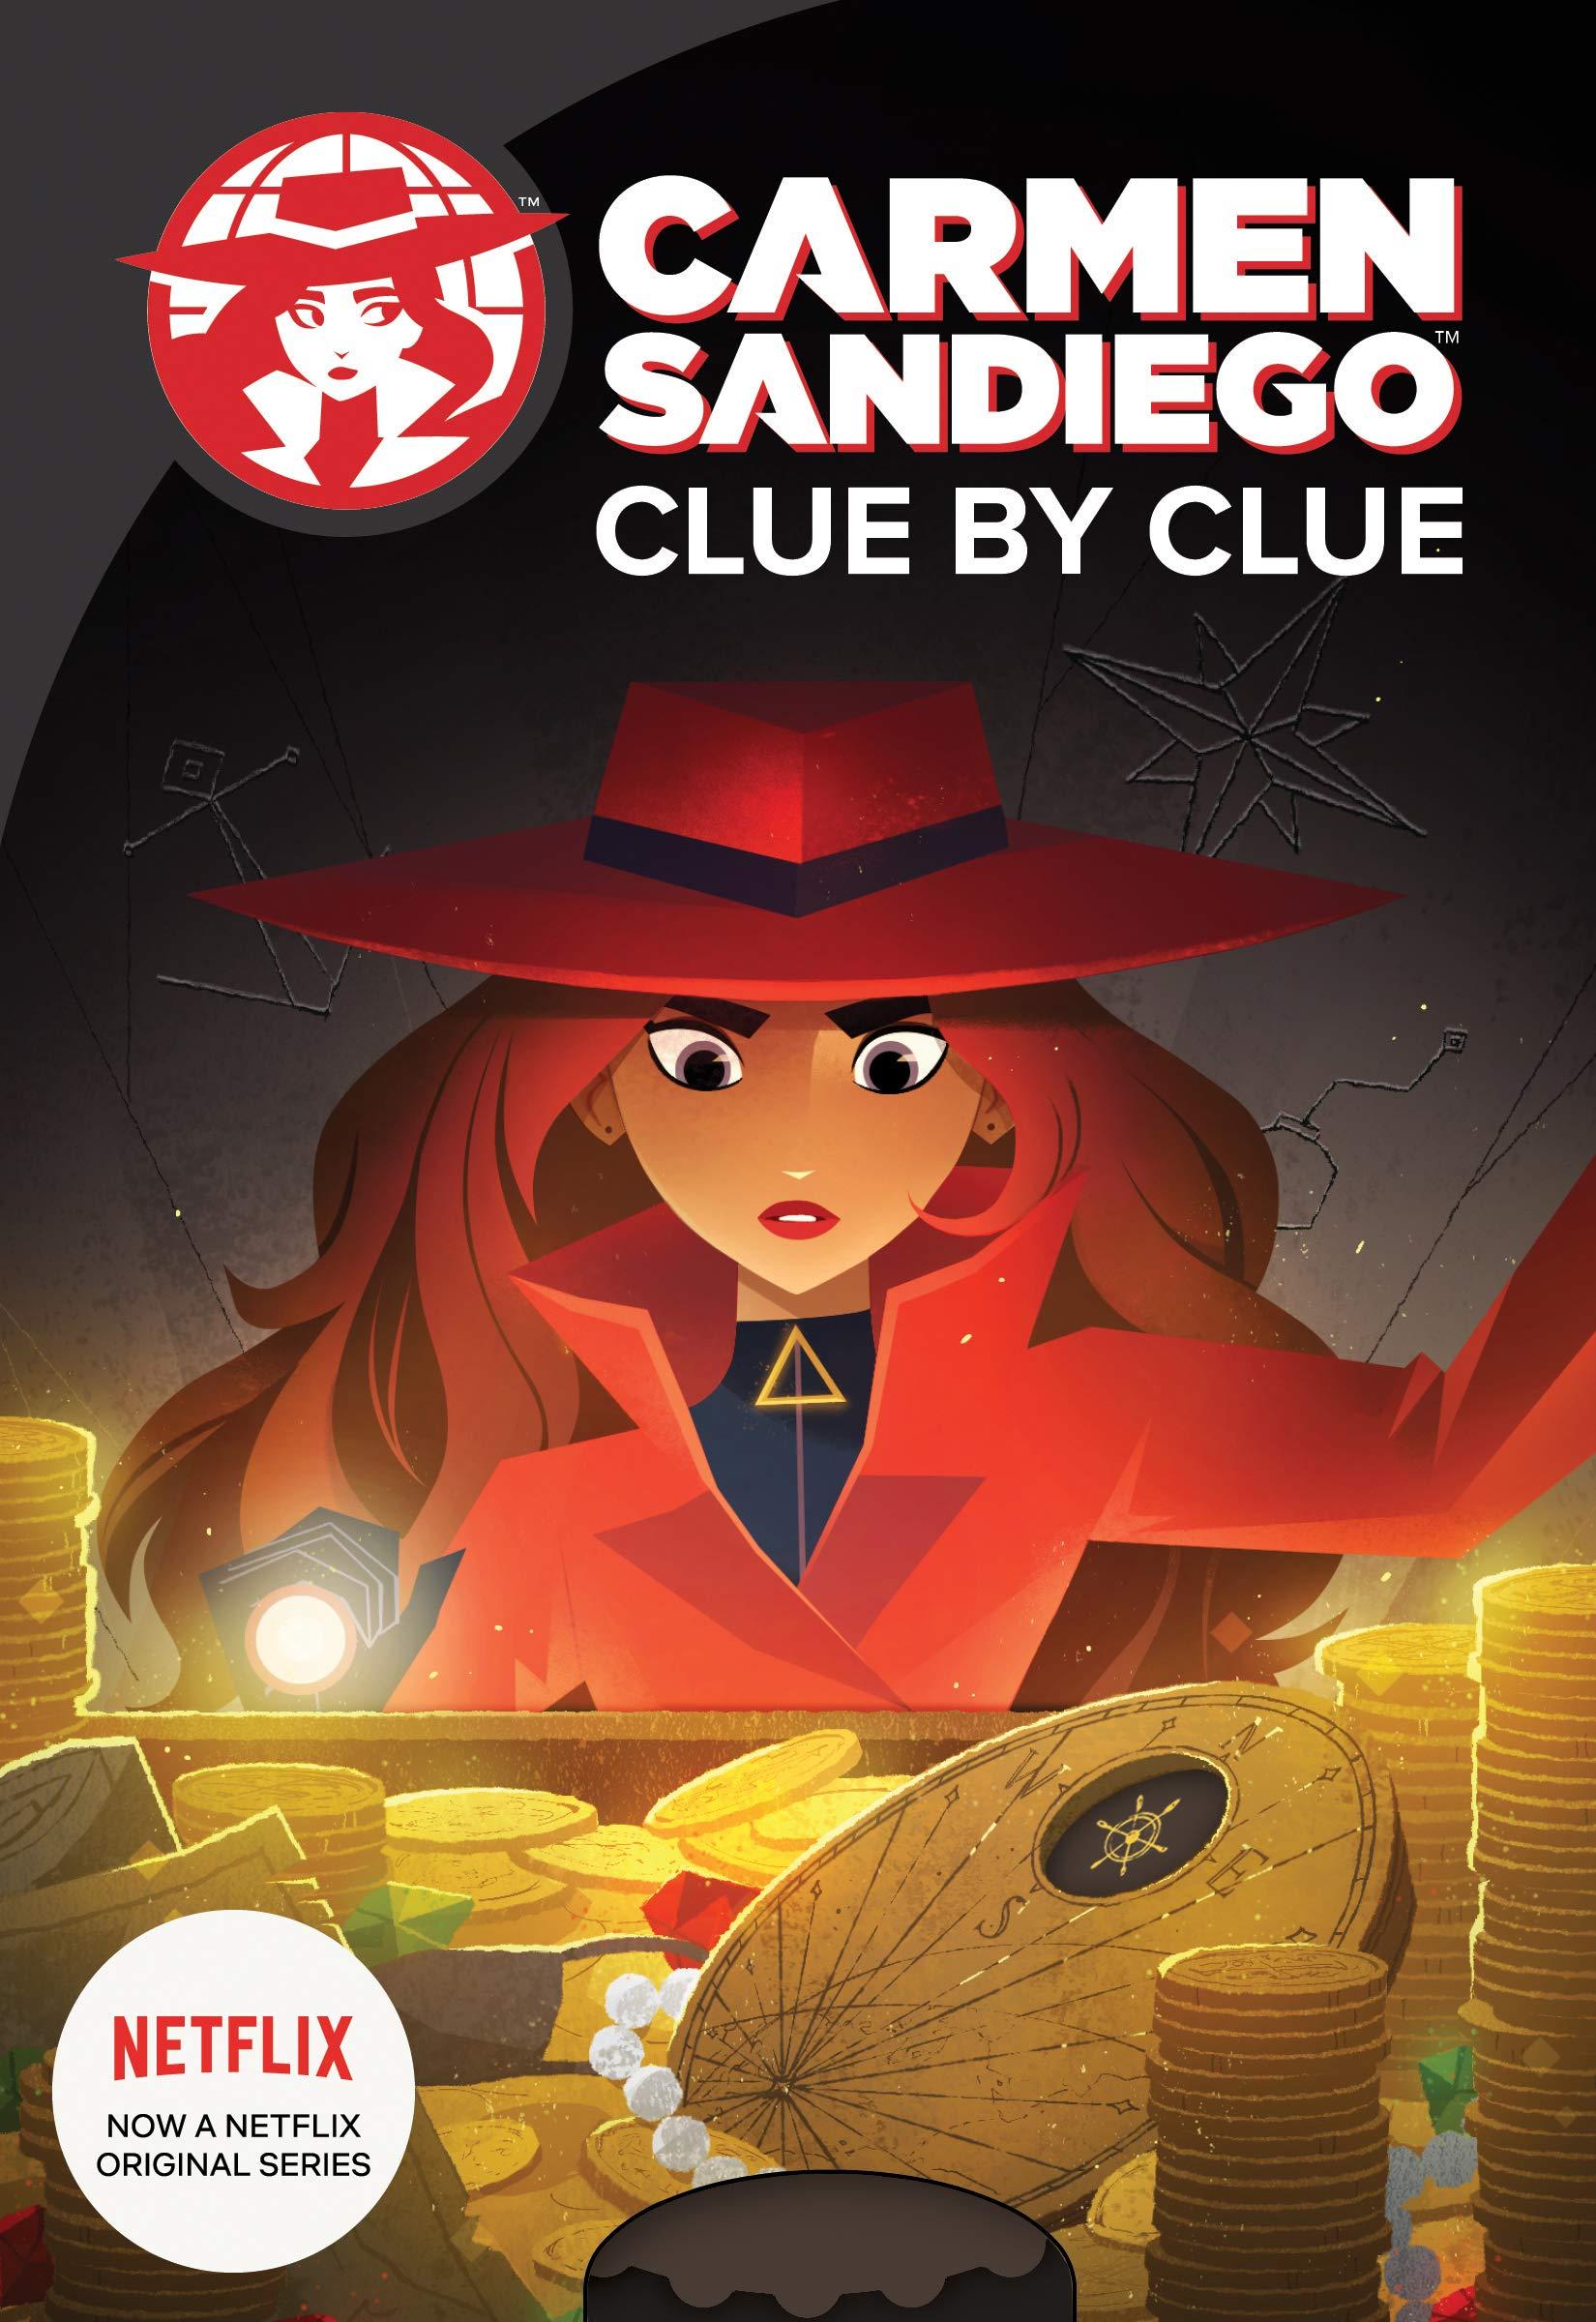 Clue by Clue